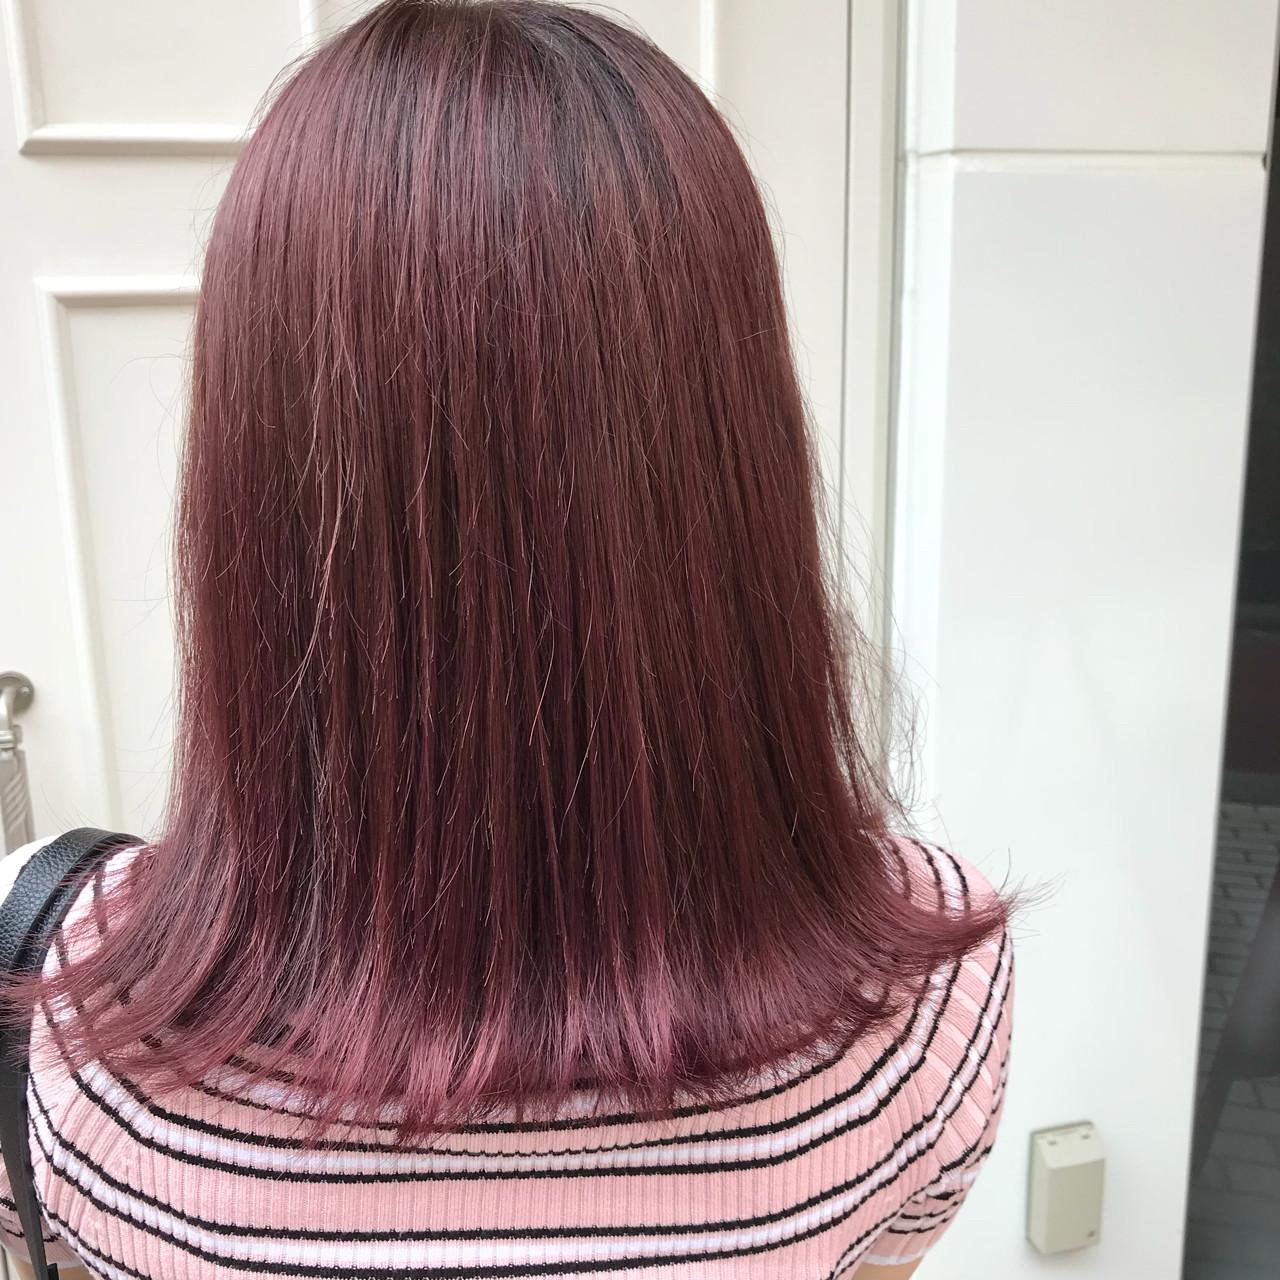 ピンク デート フェミニン イルミナカラー ヘアスタイルや髪型の写真・画像